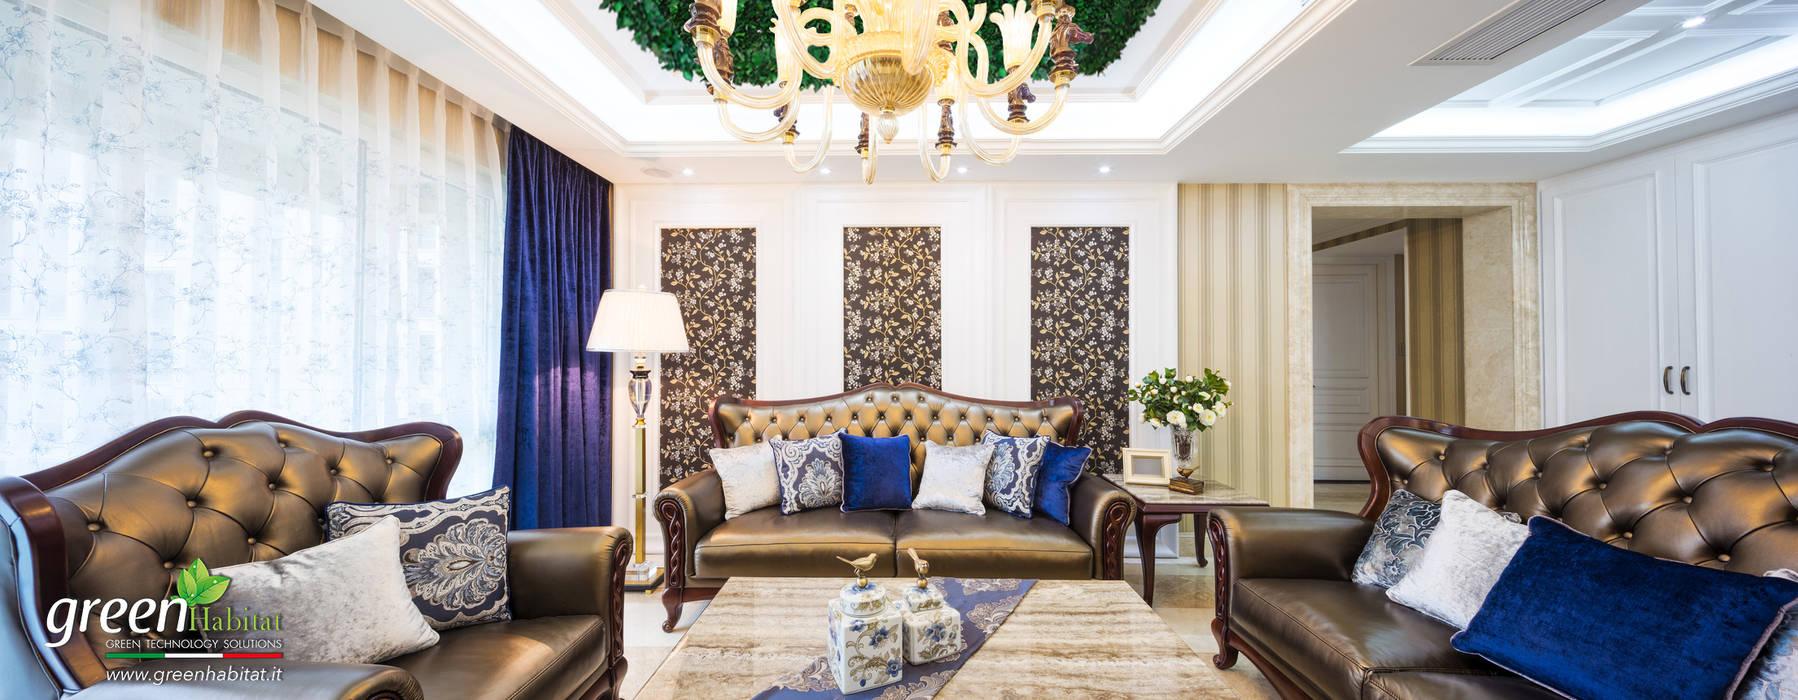 SALA DA PRANZO CON VERDE VERTICALE A SOFFITTO: Soggiorno in stile in stile Moderno di Green Habitat s.r.l.